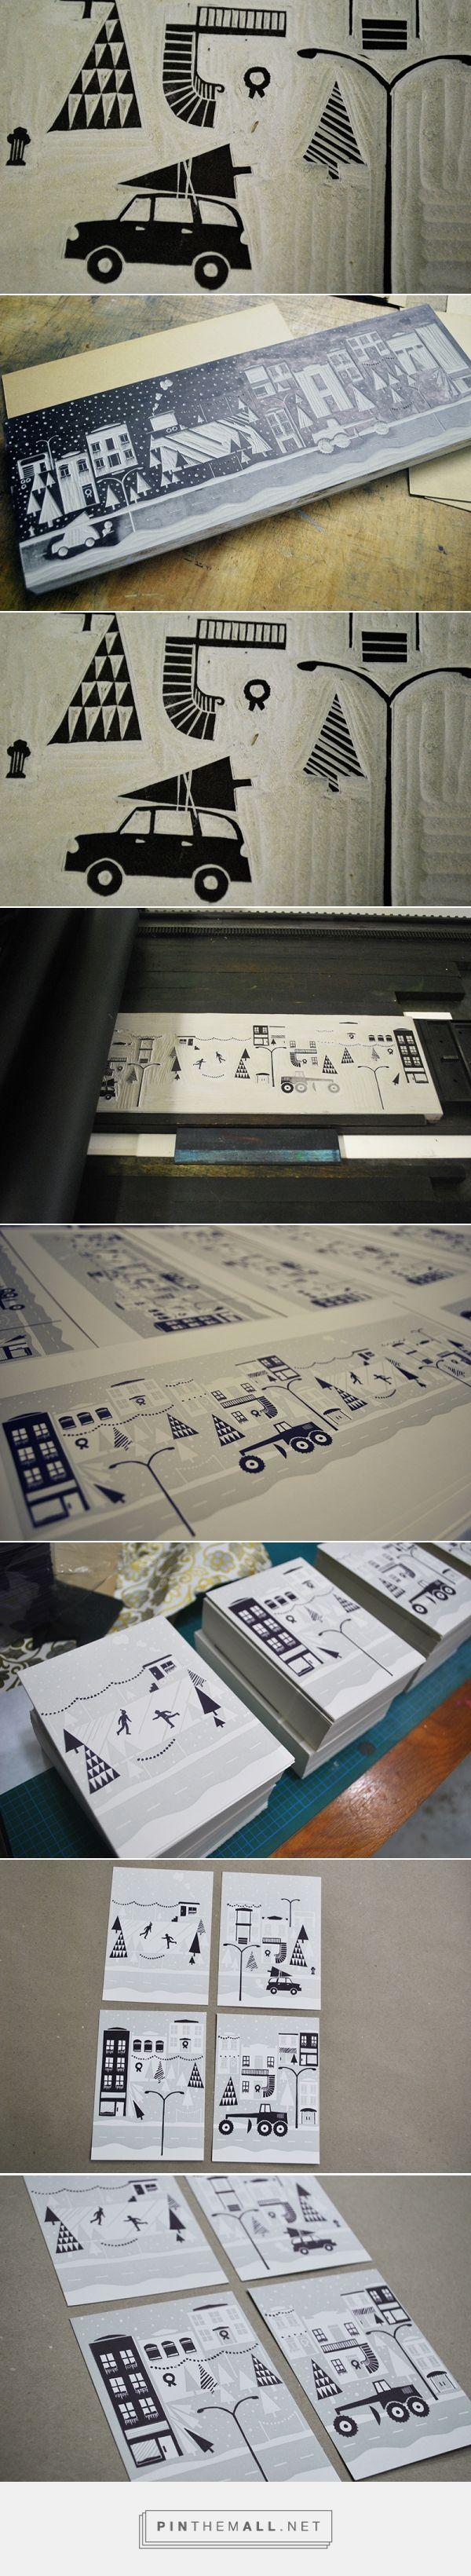 L'abricot | STUDIO MULTIDISCIPLINAIRE BASÉ À MONTRÉAL. DESIGN + RÉDACTION + IMPRESSION.... - a grouped images picture - Pin Them All